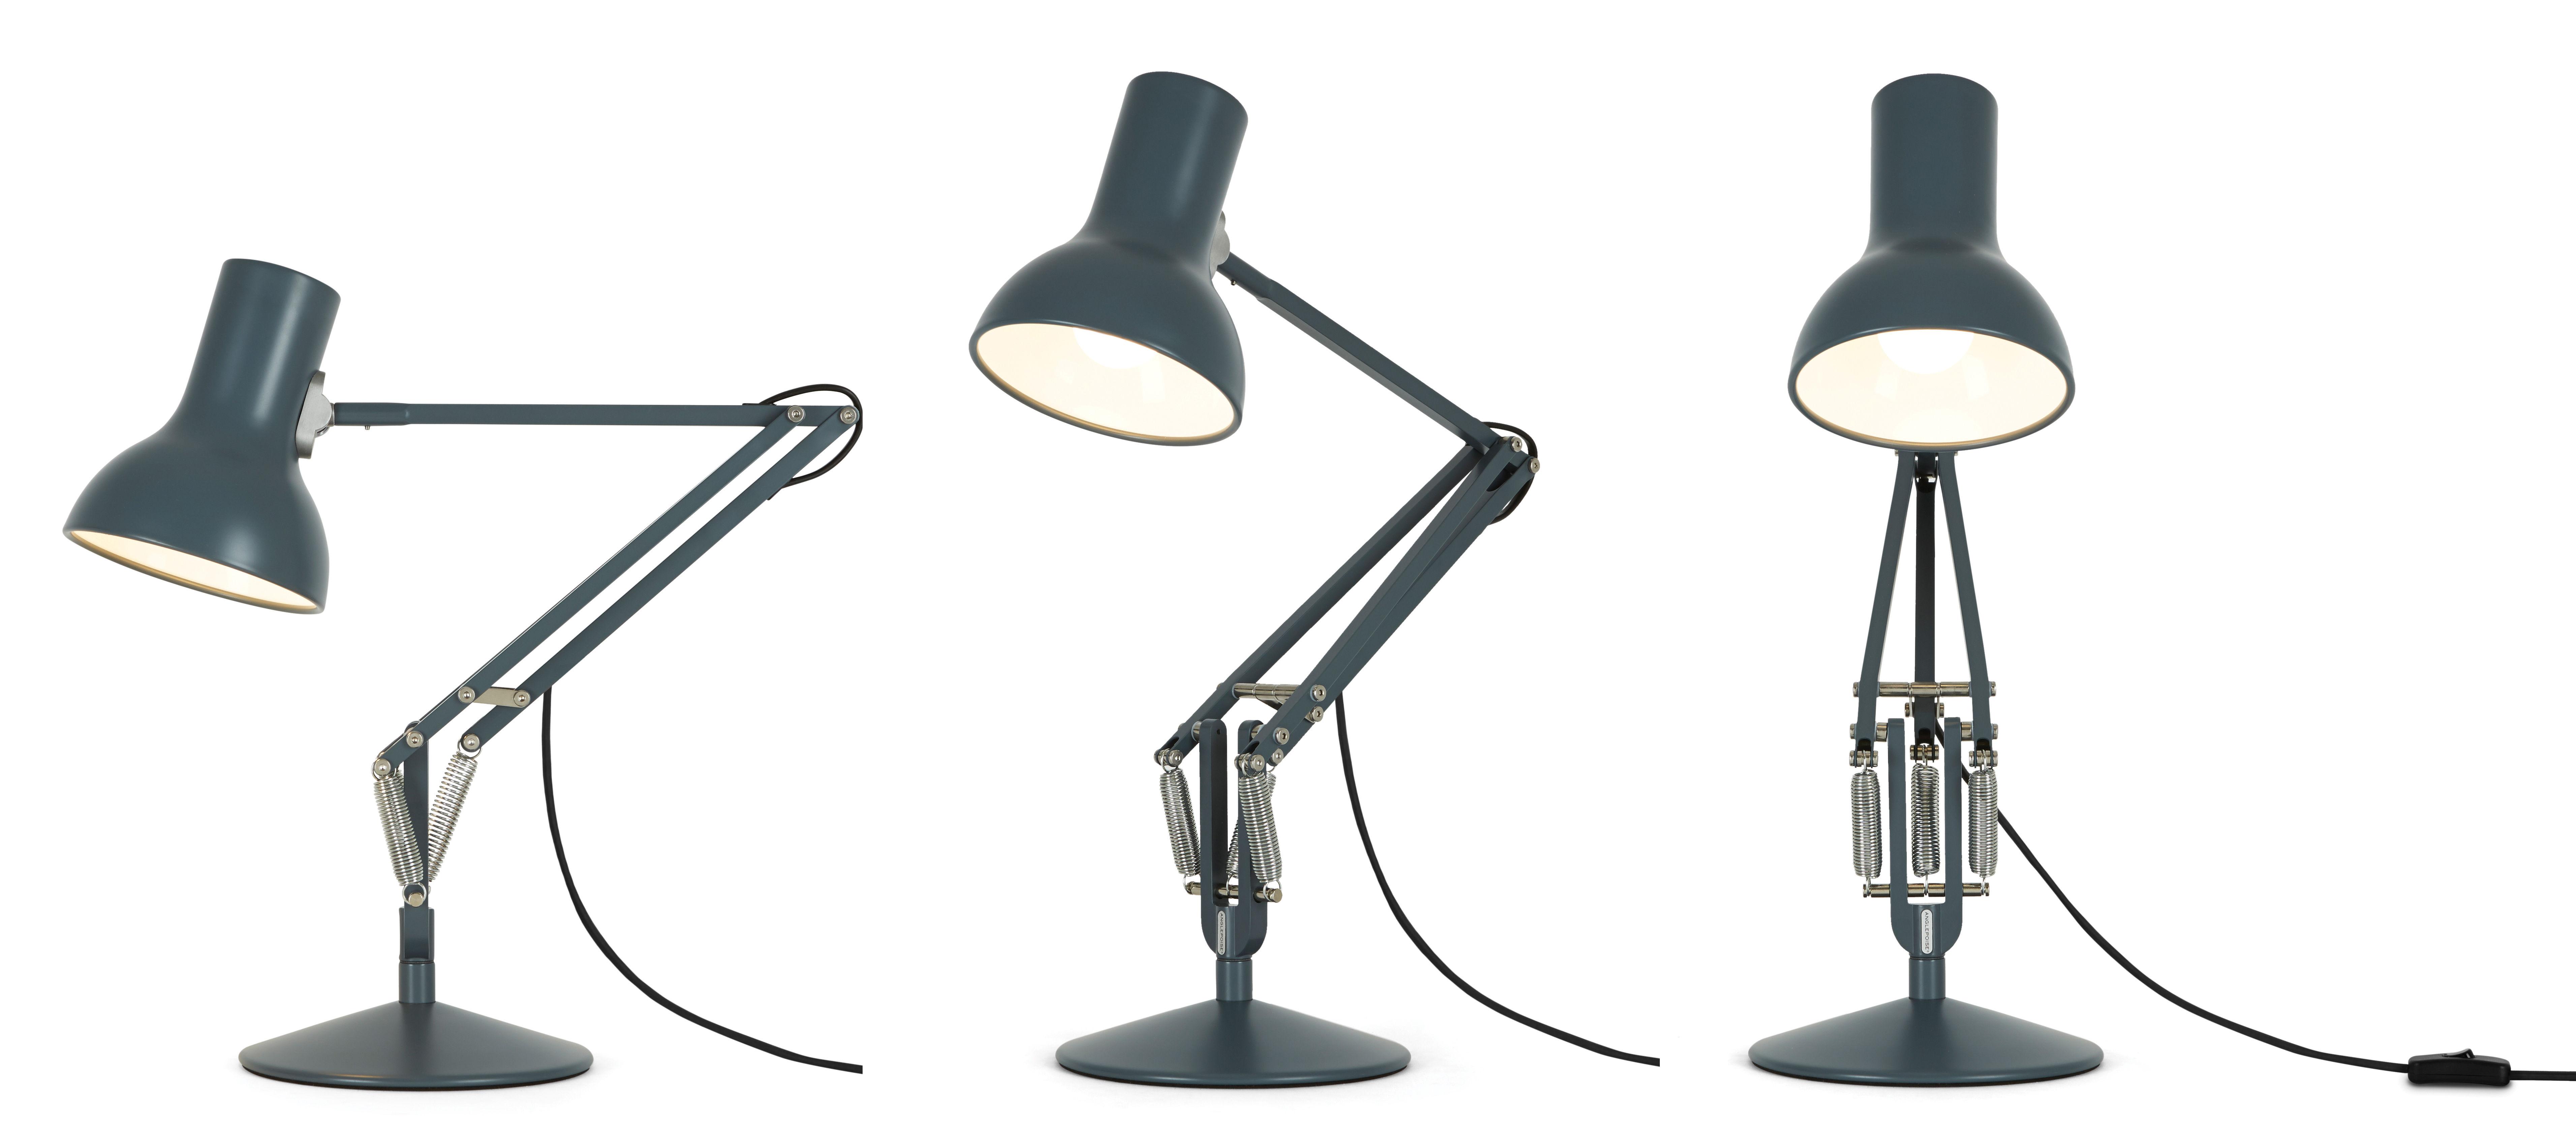 Lampe de table type 75 mini h 50 cm gris anglepoise - Luminaire industriel la giant collection par anglepoise ...